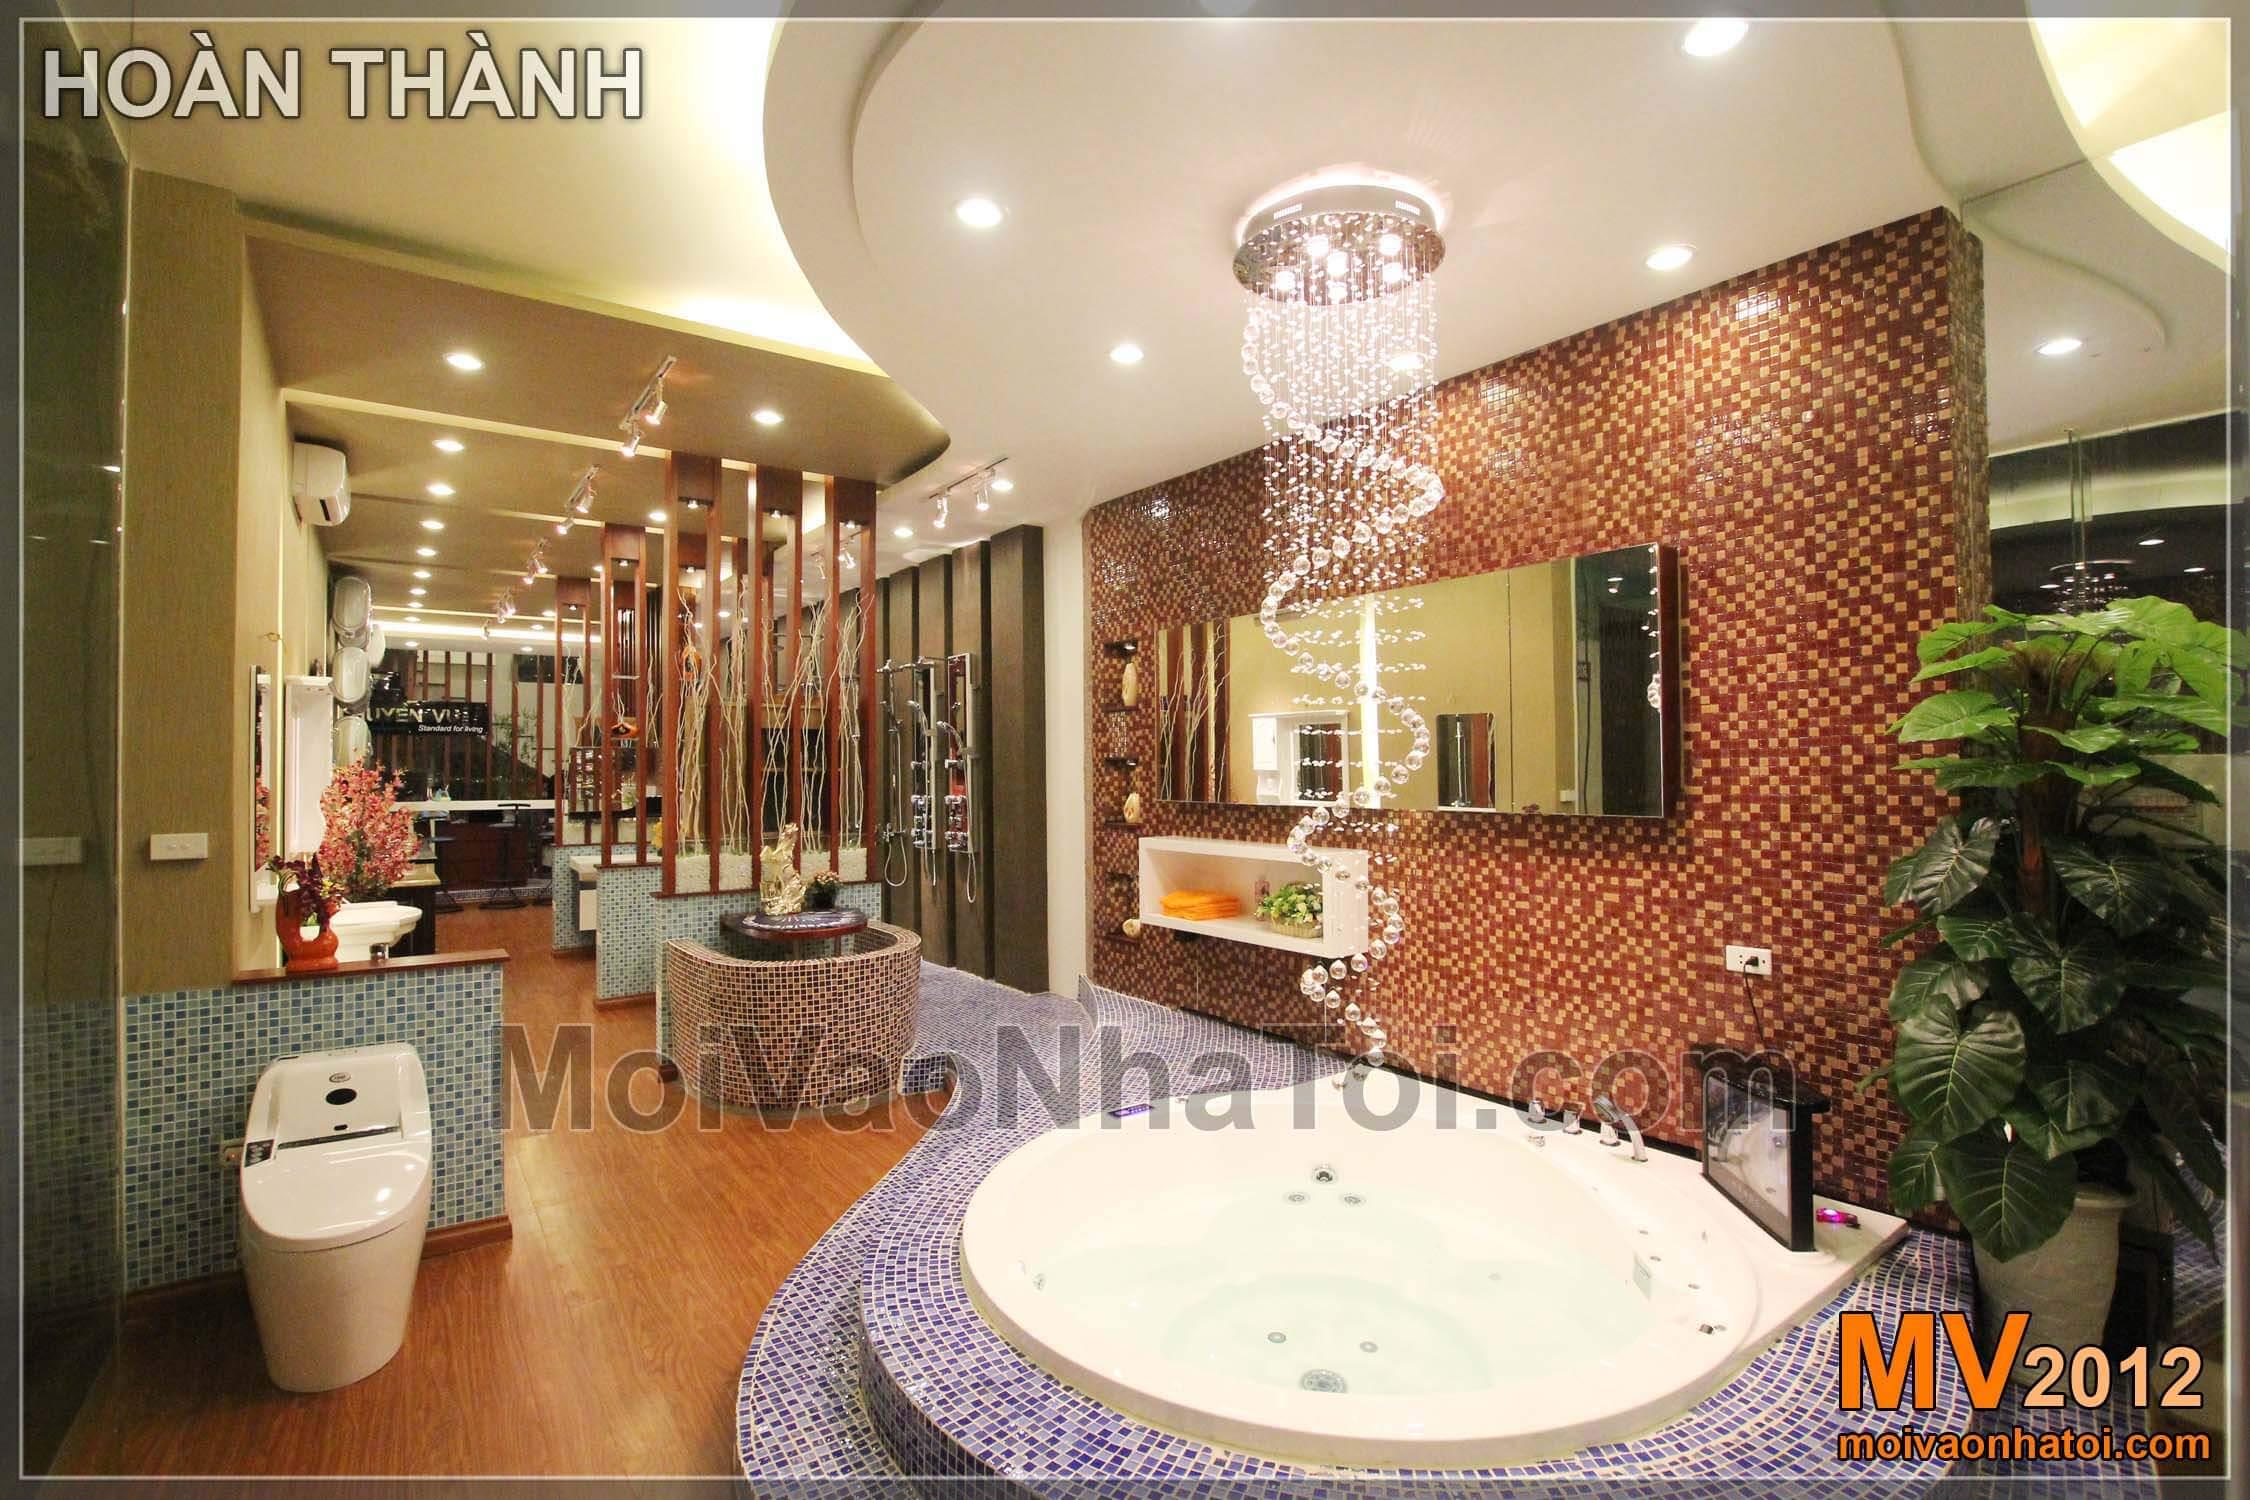 Do đó, điểm nhấn chính của thiết kế Showroom này là bồn tắm tròn